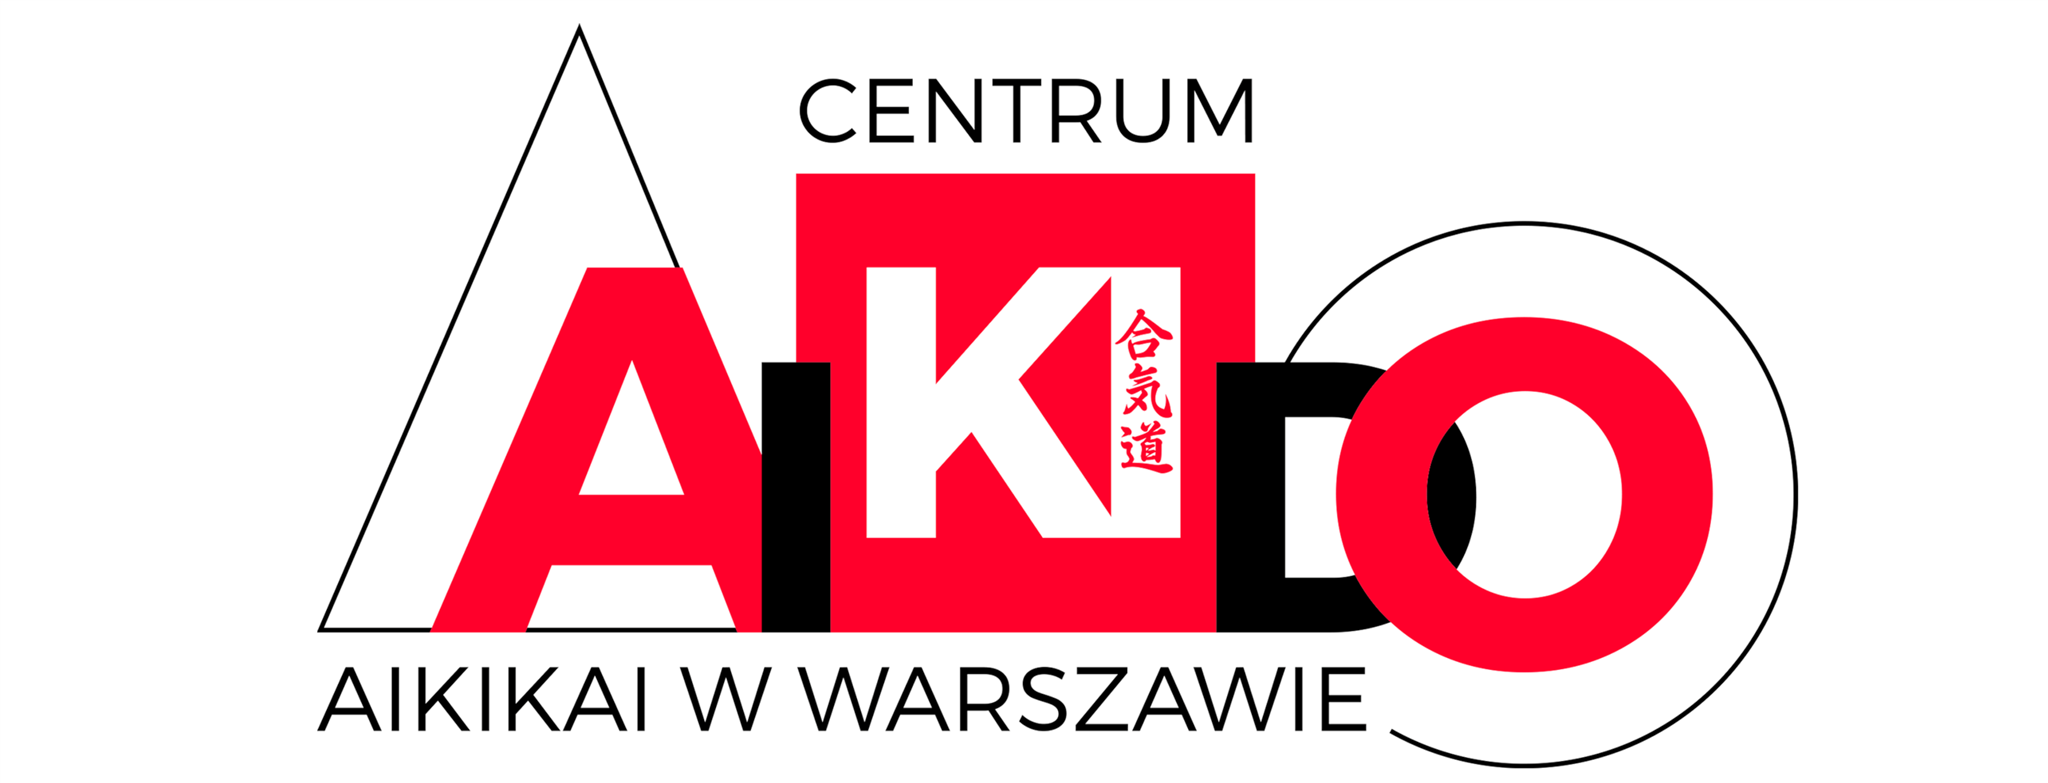 Wiosenny staż aikido – sensei Roman Hoffmann 6 dan – shihan aikikai – Piotrków Trybunalski | Centrum Aikido w Warszawie R Hoffmann 6 dan